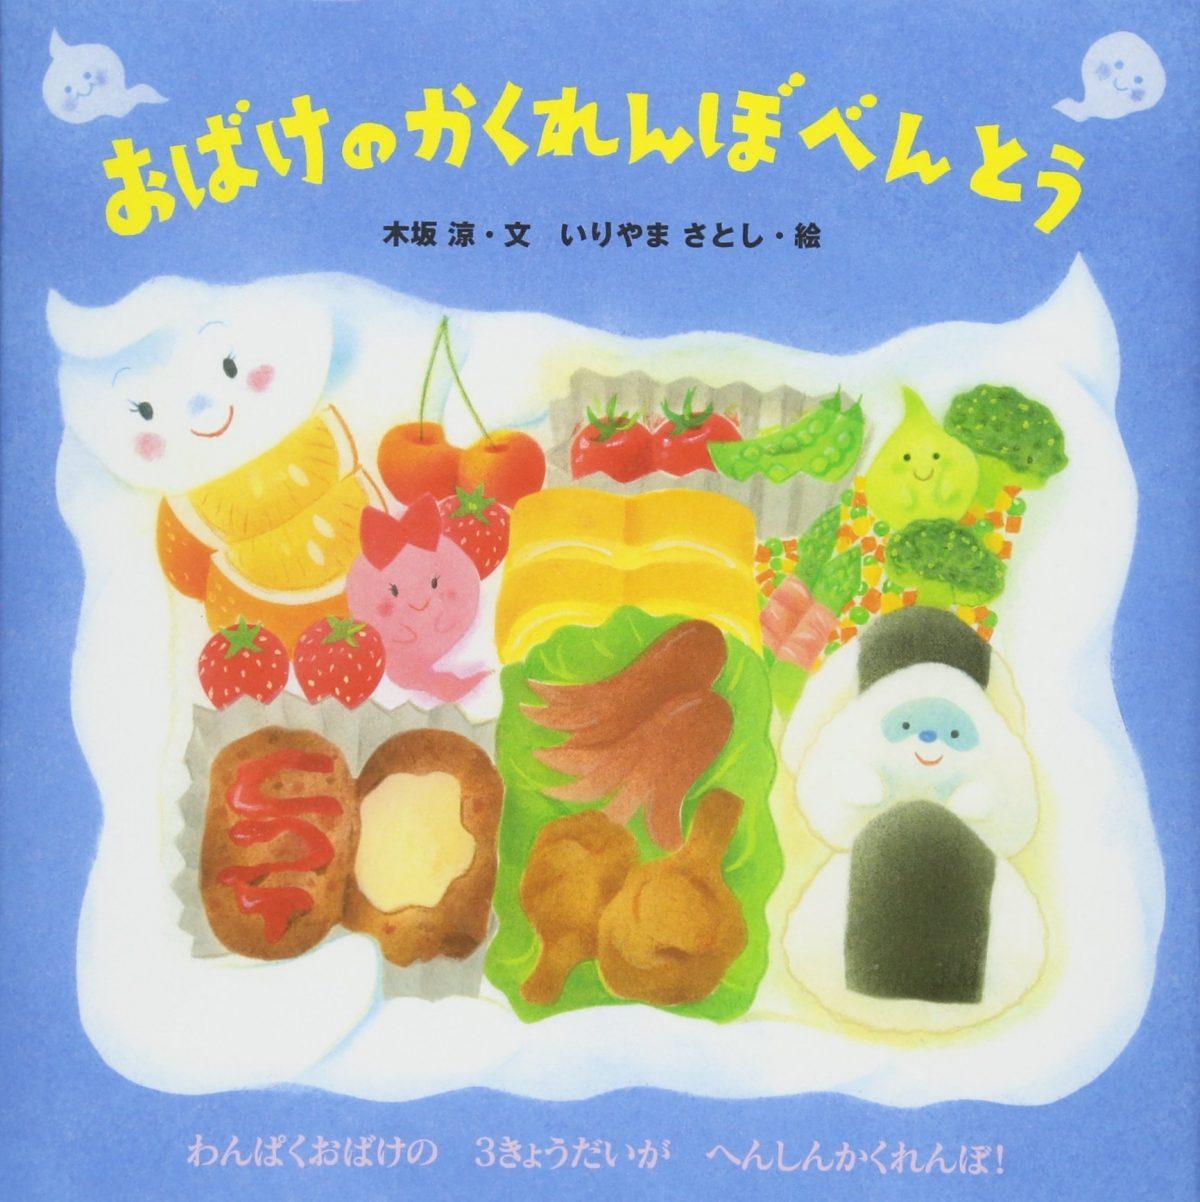 絵本「おばけのかくれんぼべんとう」の表紙